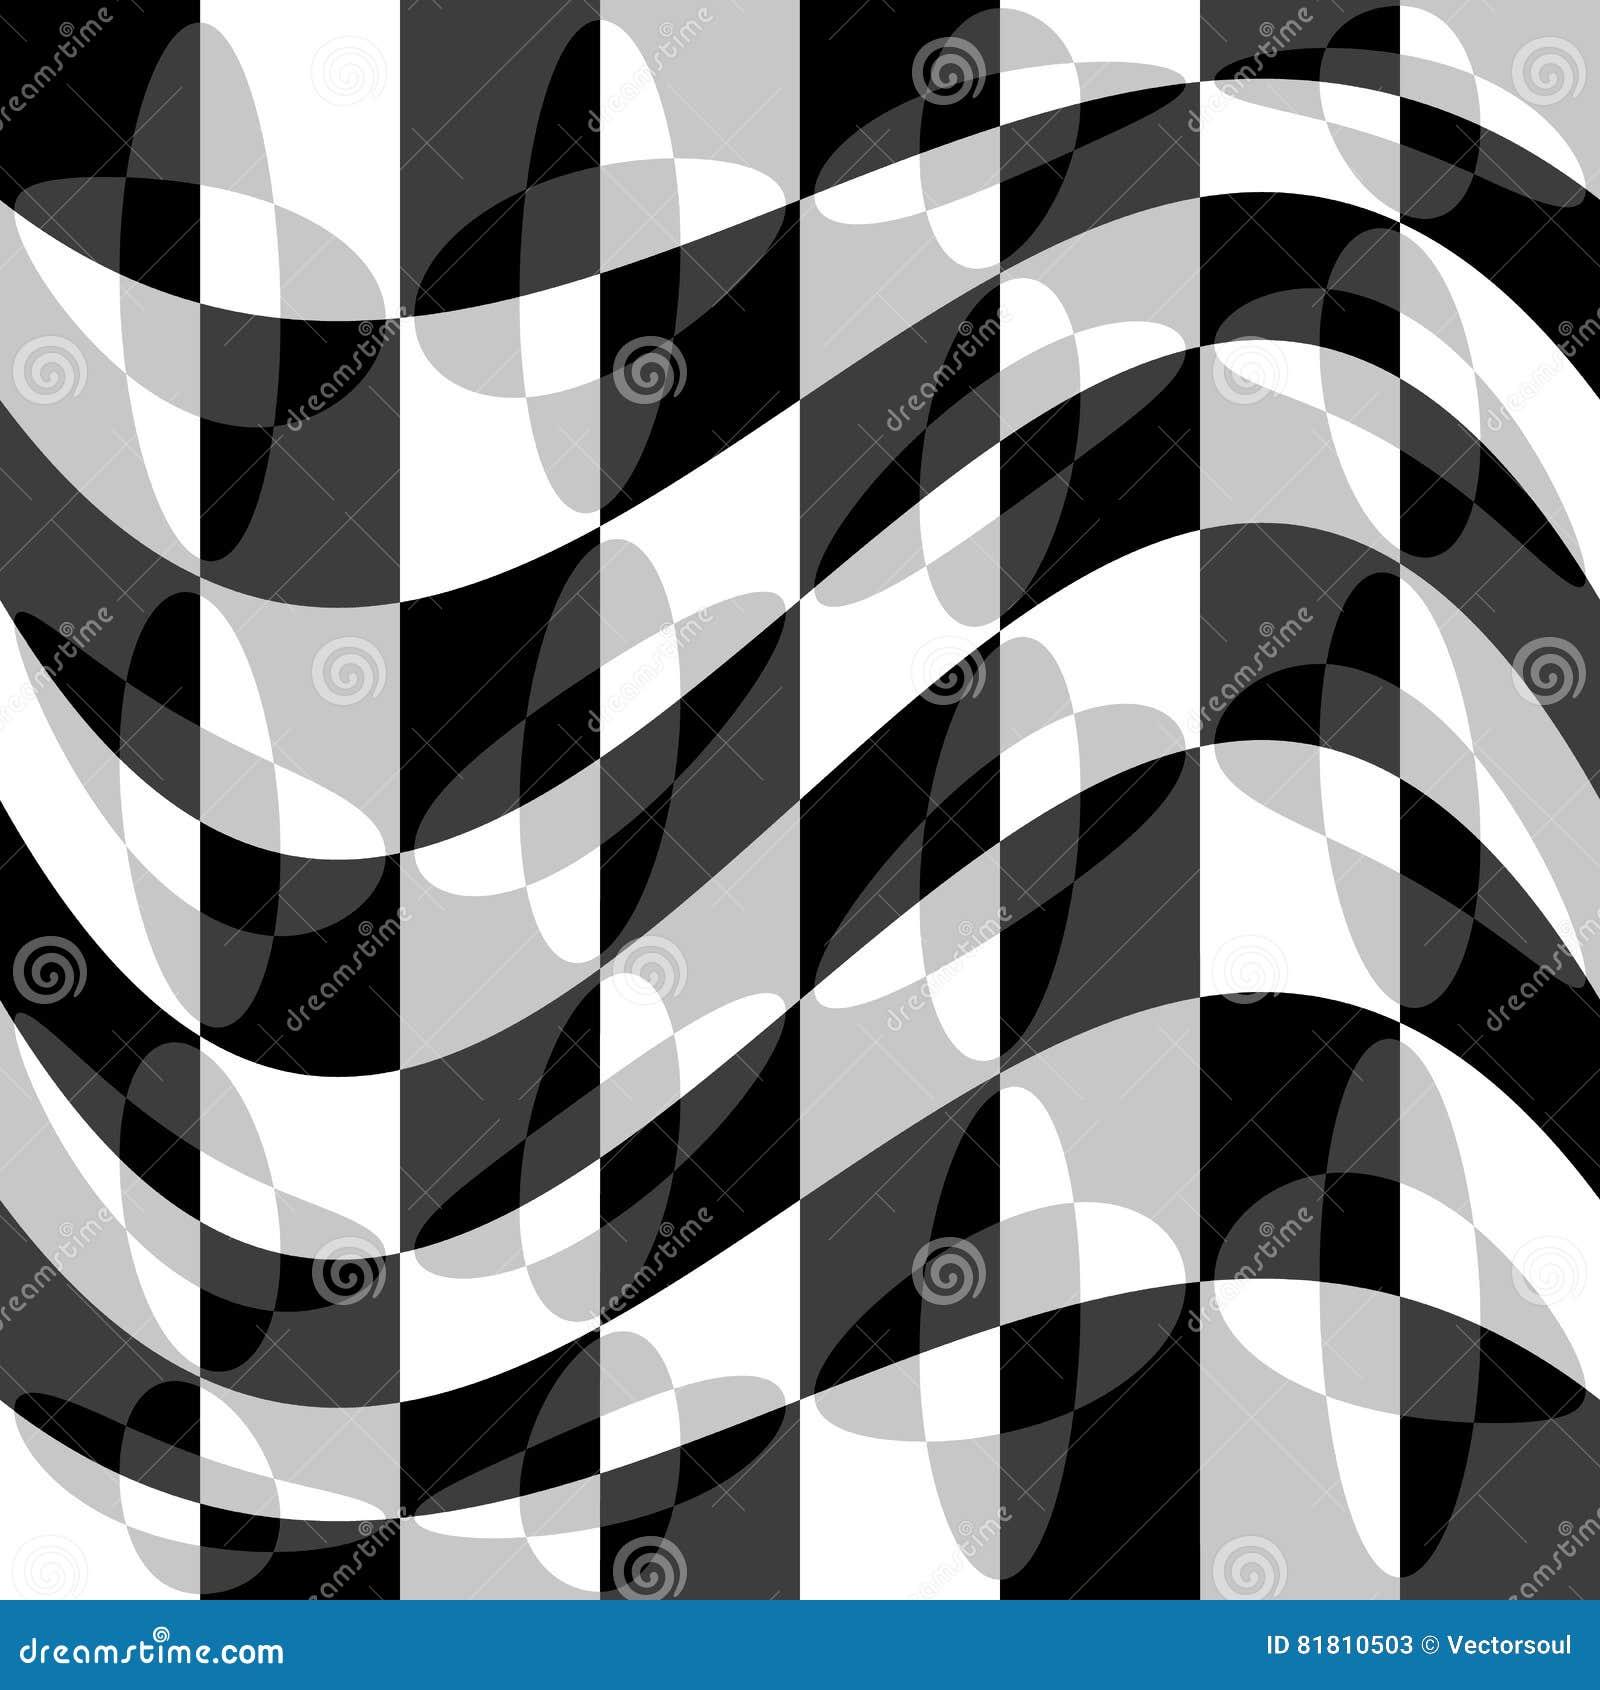 Геометрическая картина с пульсацией, волнистым искажением, влиянием искривления гнойничка